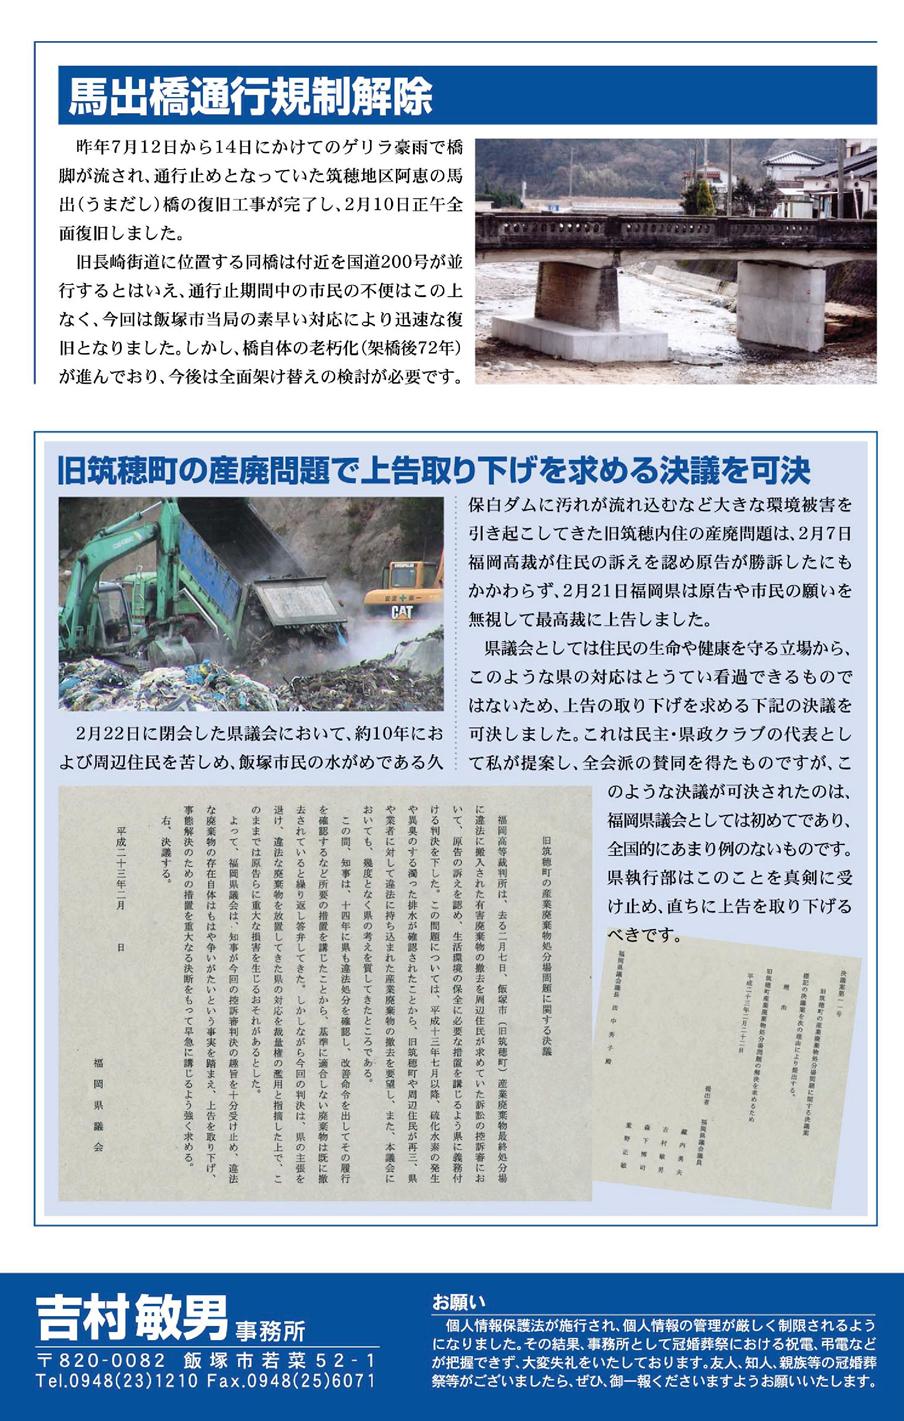 福岡県議会議員 吉村敏男 県政報告 第20号